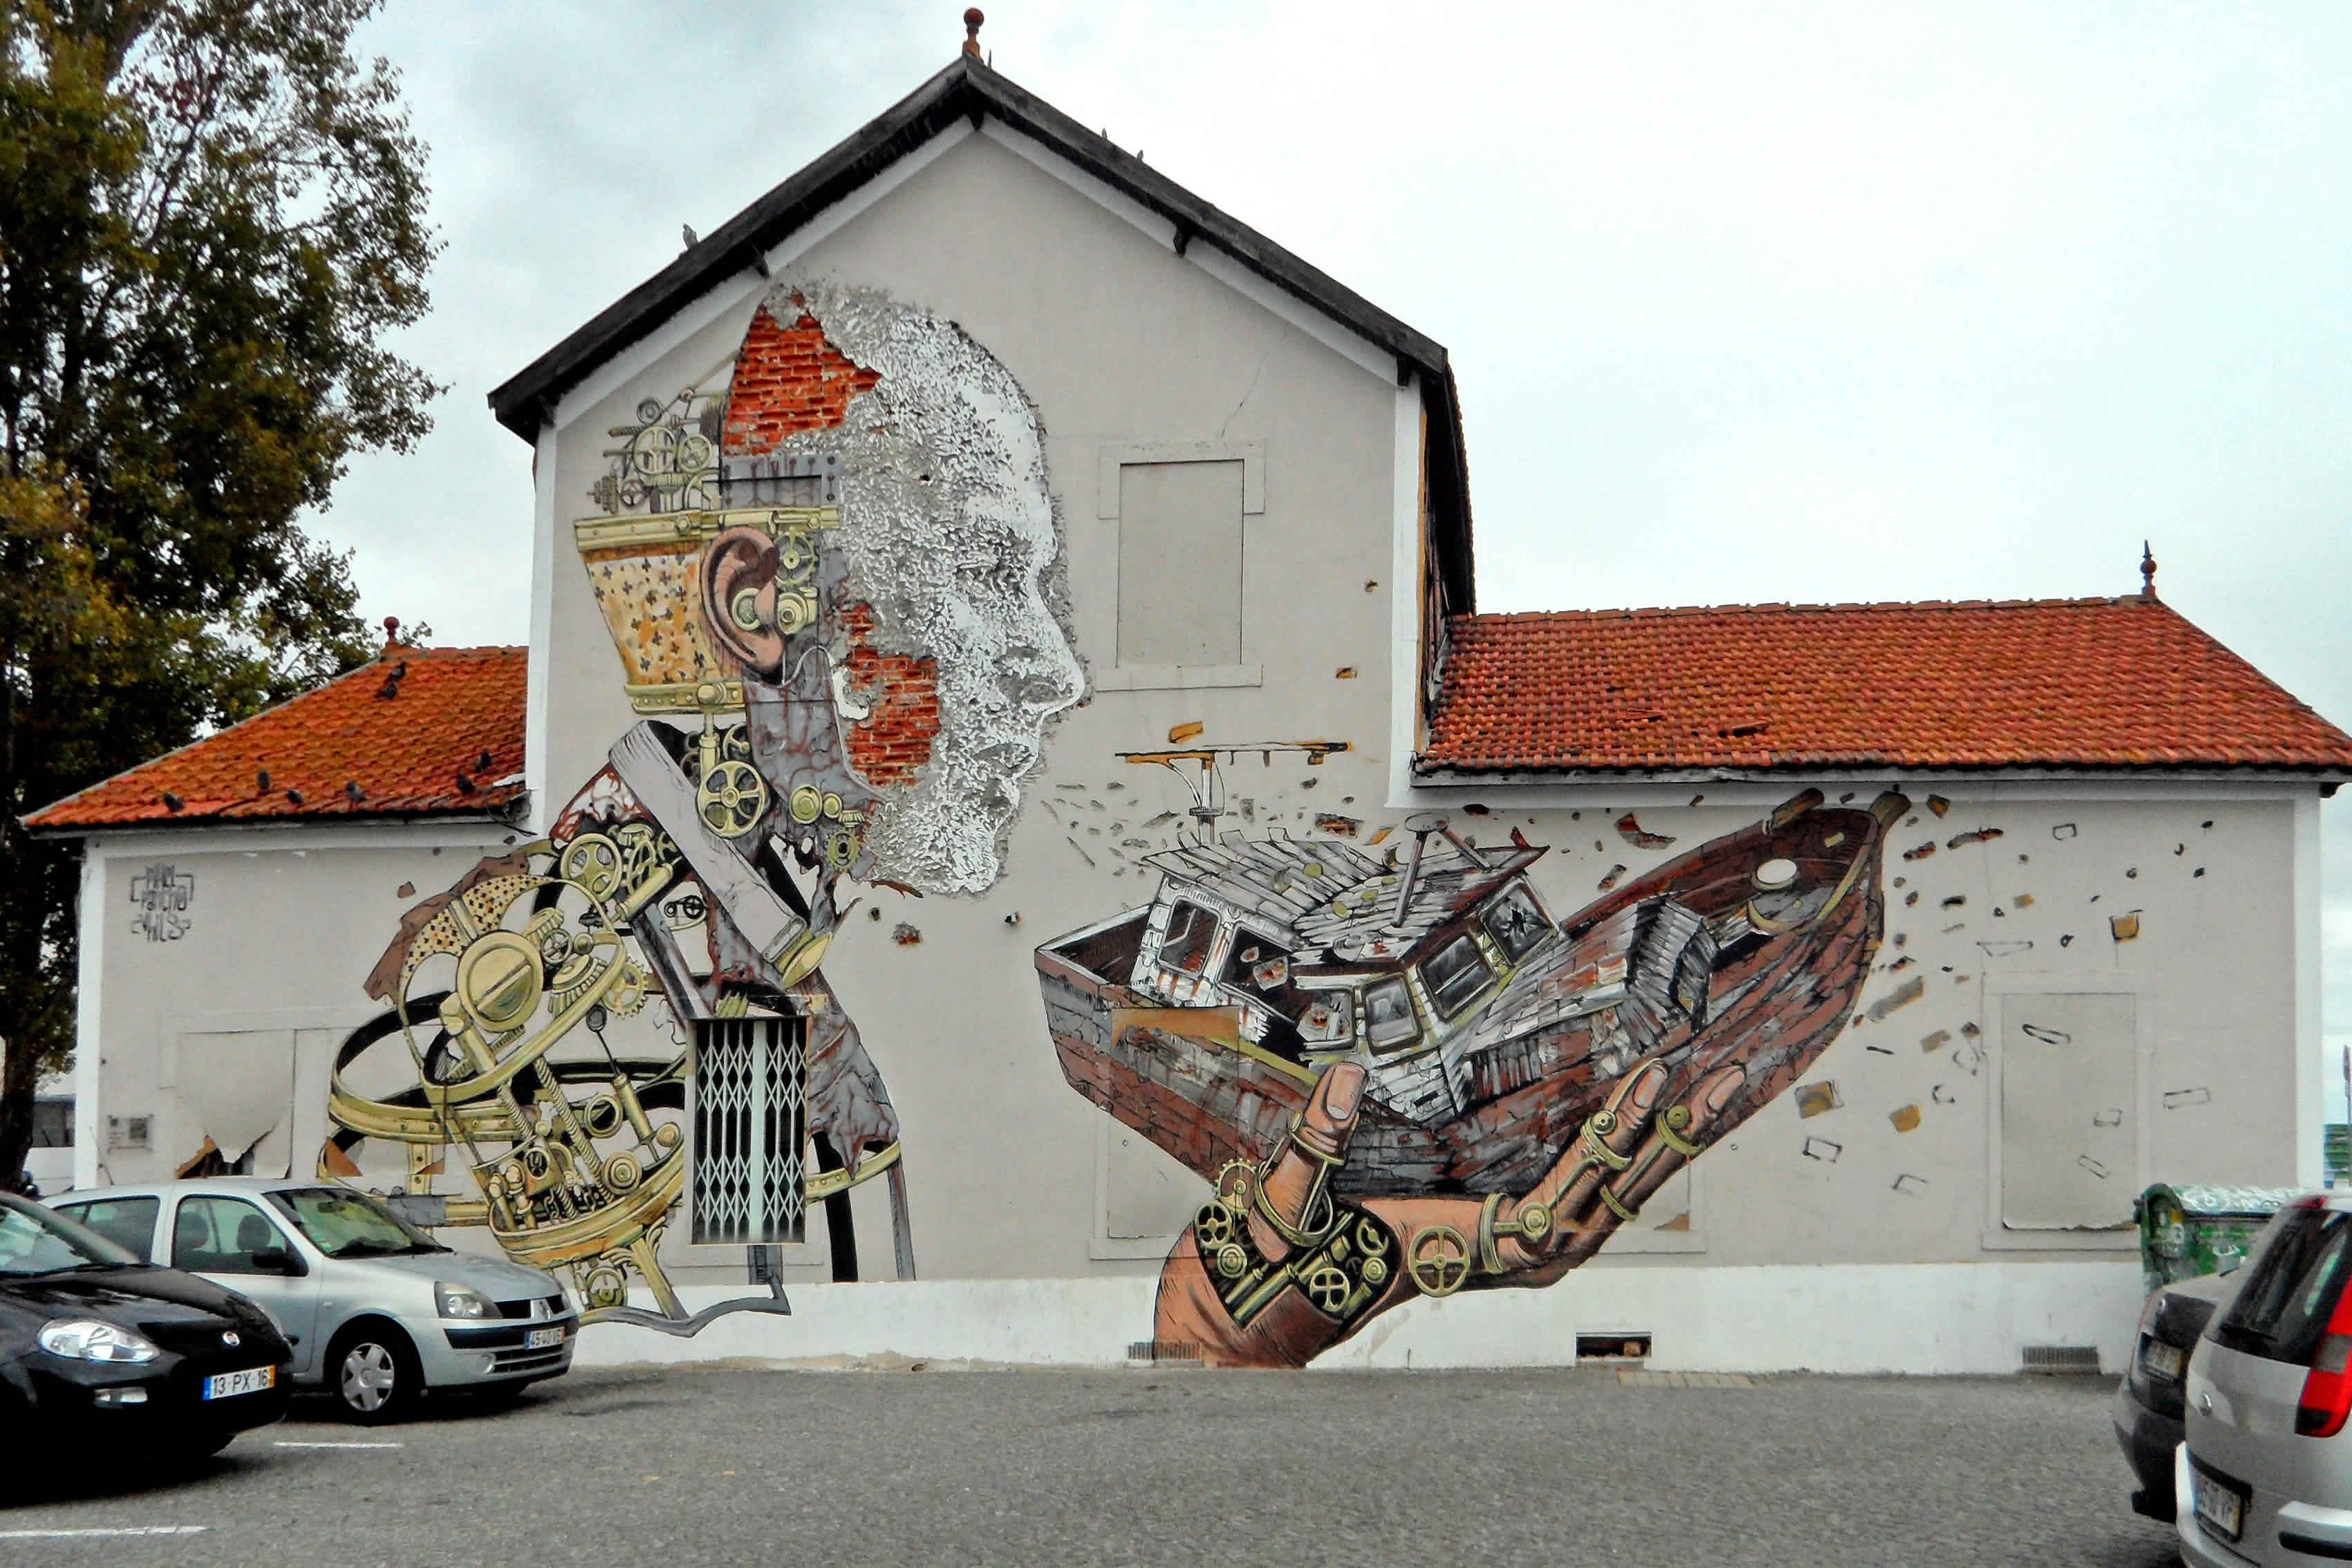 Lissabon Street Art Graffiti 13